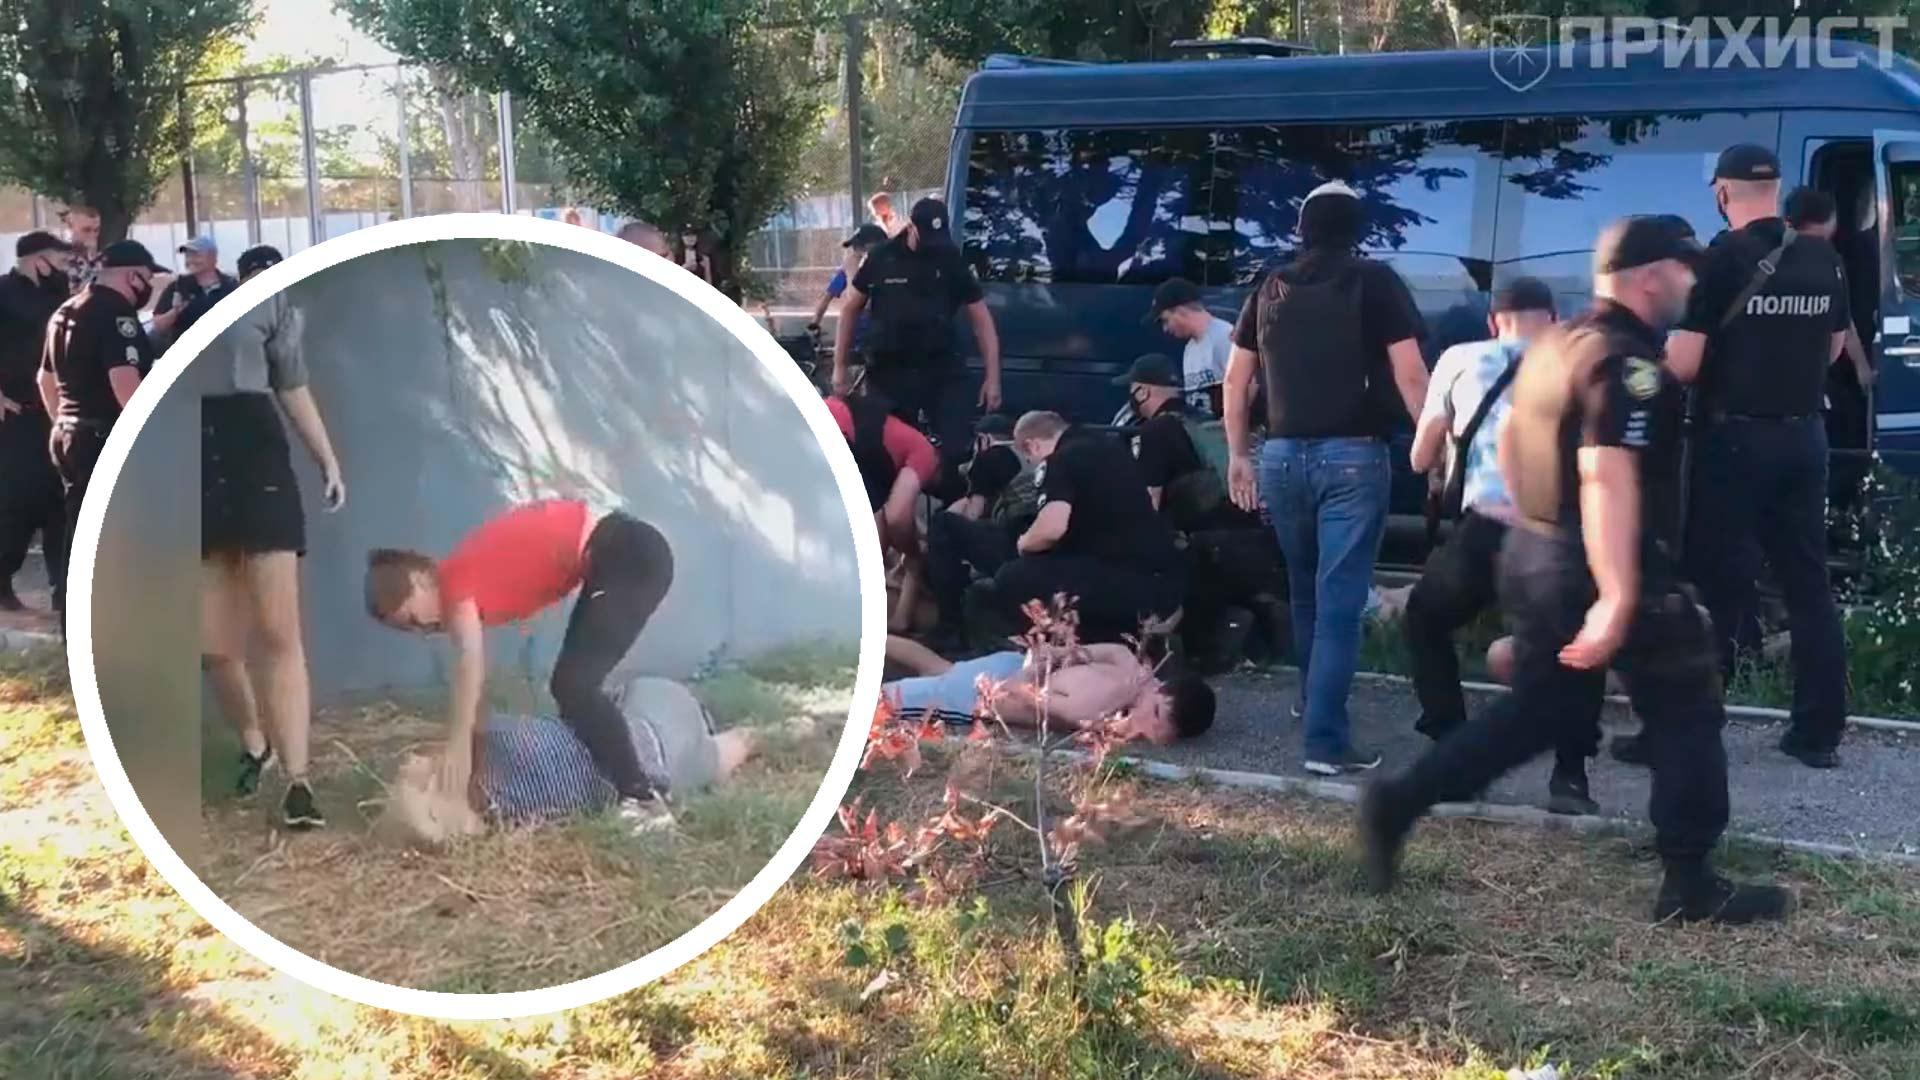 Коментар заступника начальника поліції Олексія Зозулі щодо побиття школярки та затримання футбольних фанатів | Прихист